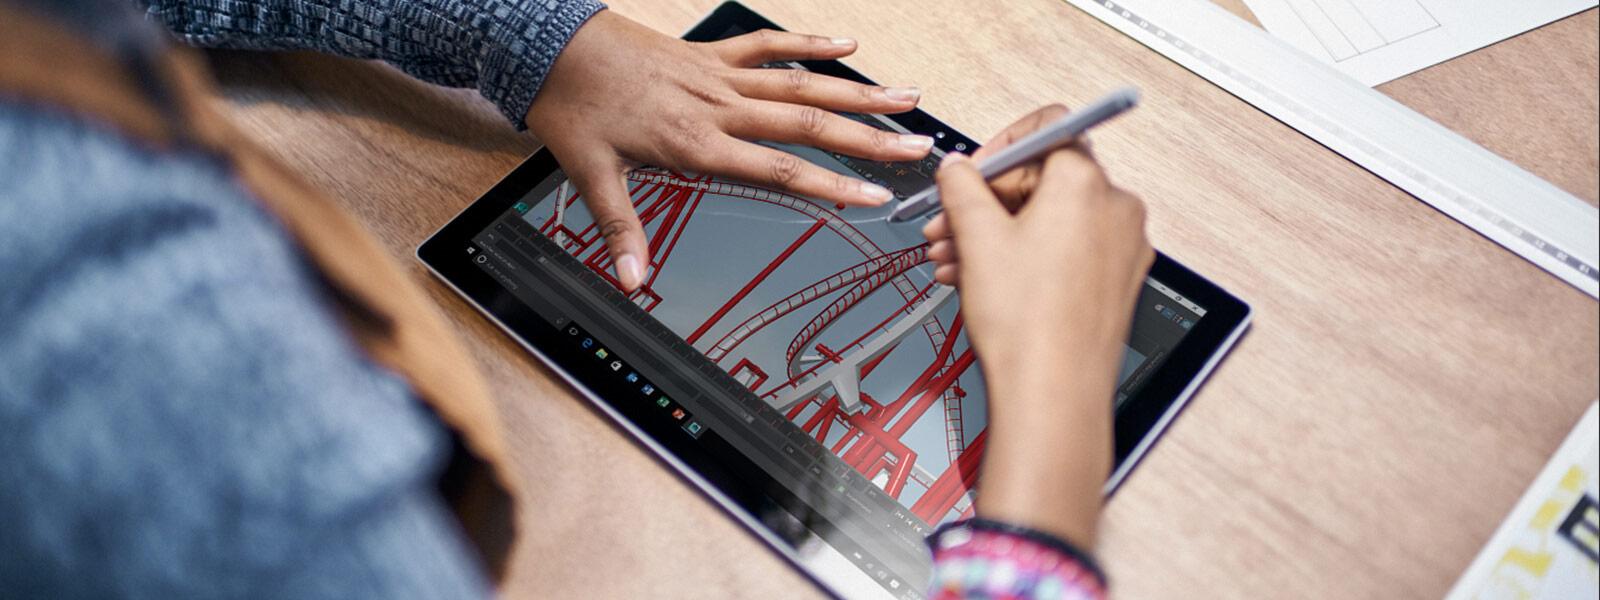 女人使用 Surface 手寫筆在 Surface 螢幕上畫畫。